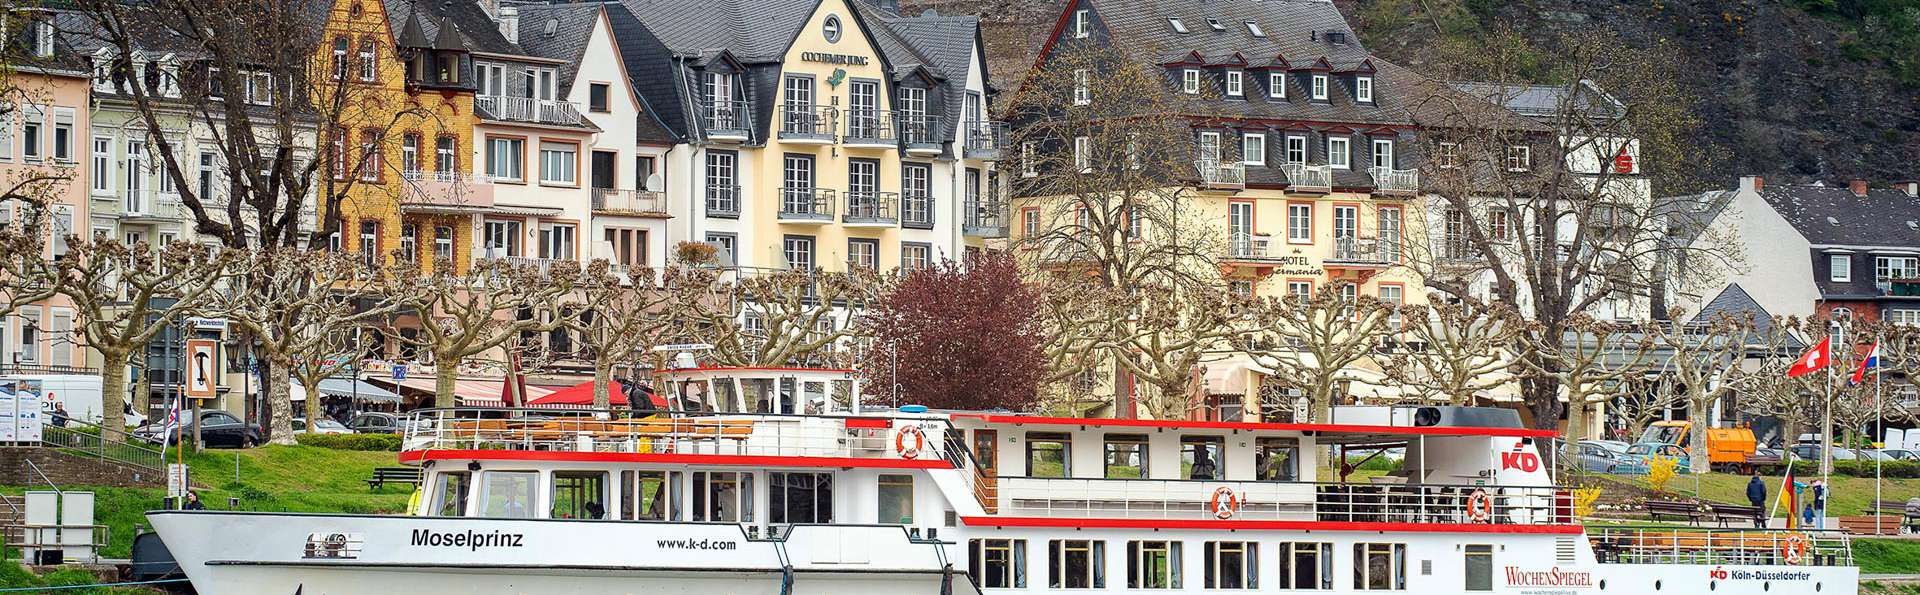 Évasion culinaire dans les collines de la Moselle et détente lors d'une balade en bateau